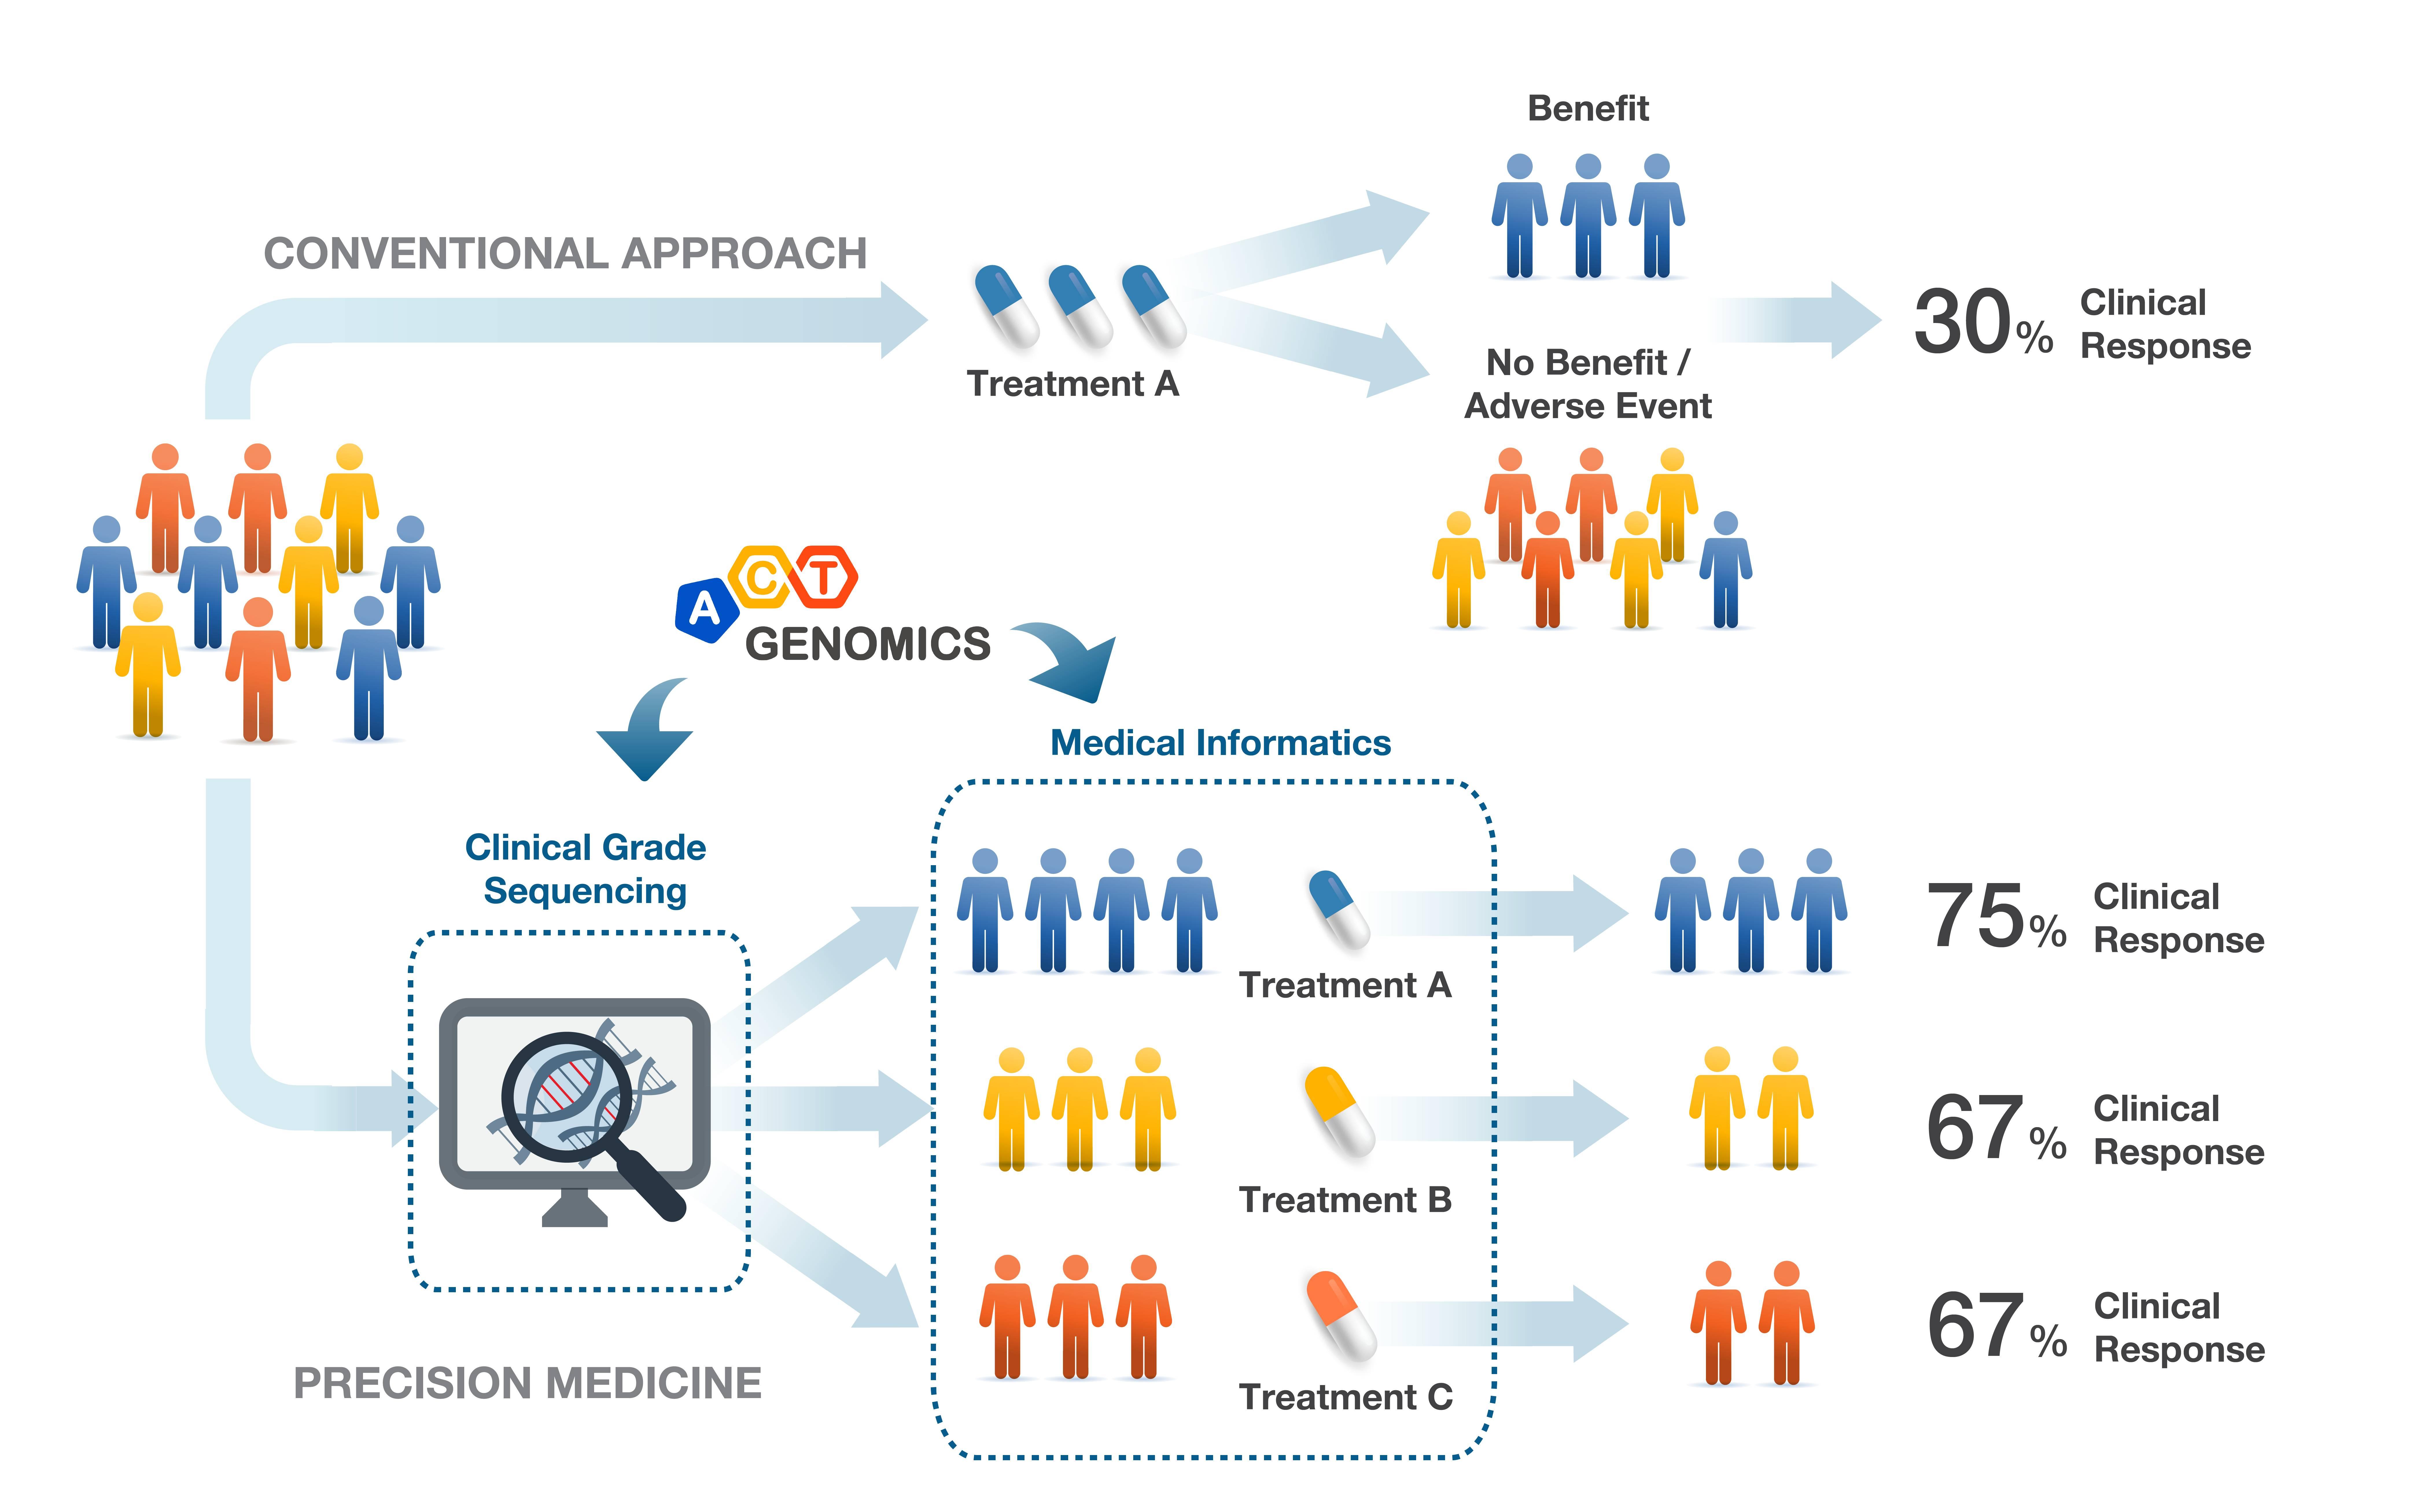 行動基因提供癌症精準醫療的解決方案